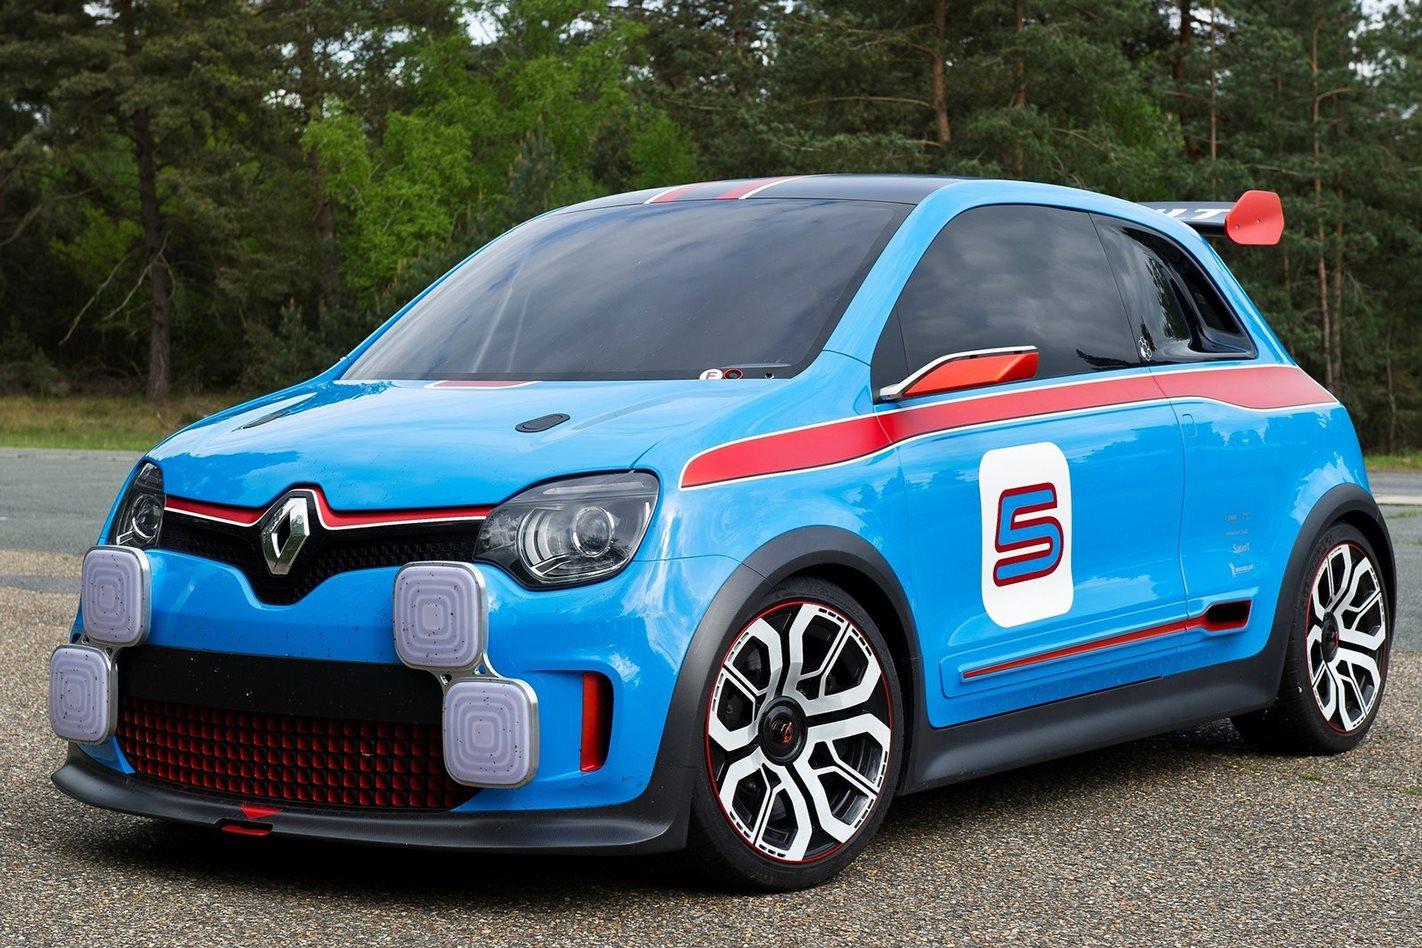 Renault Twin'Run